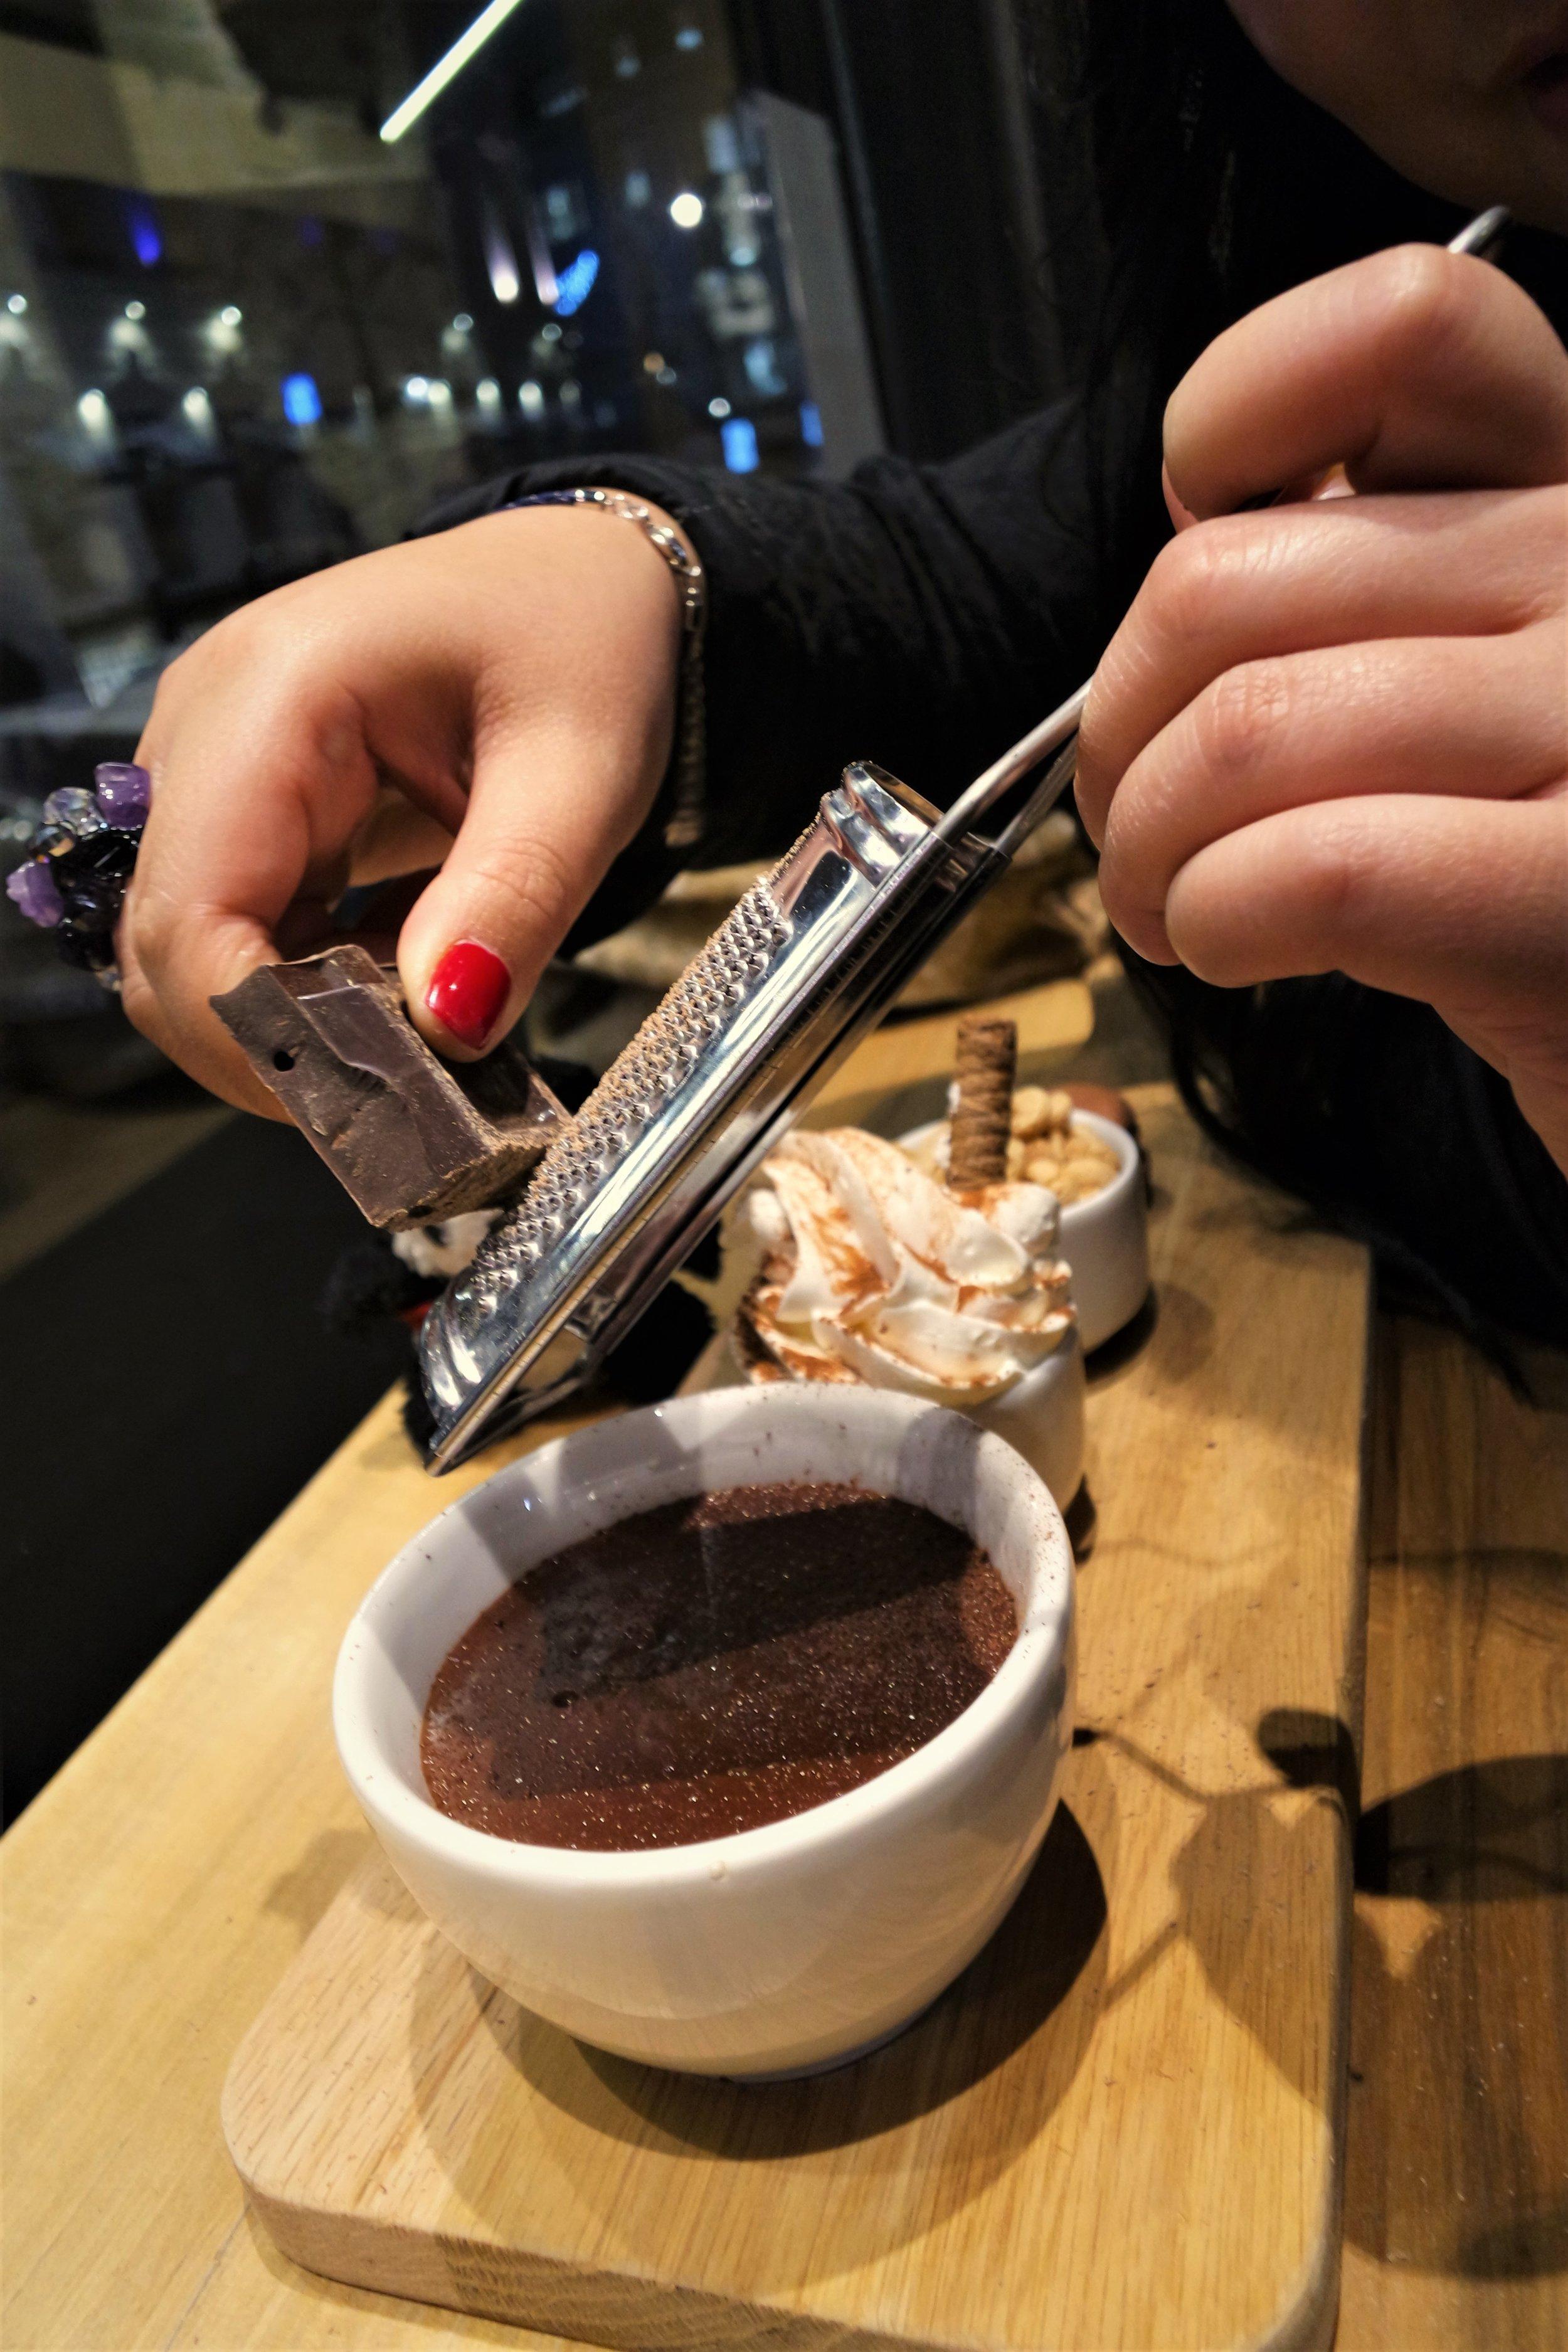 shaving chocolate